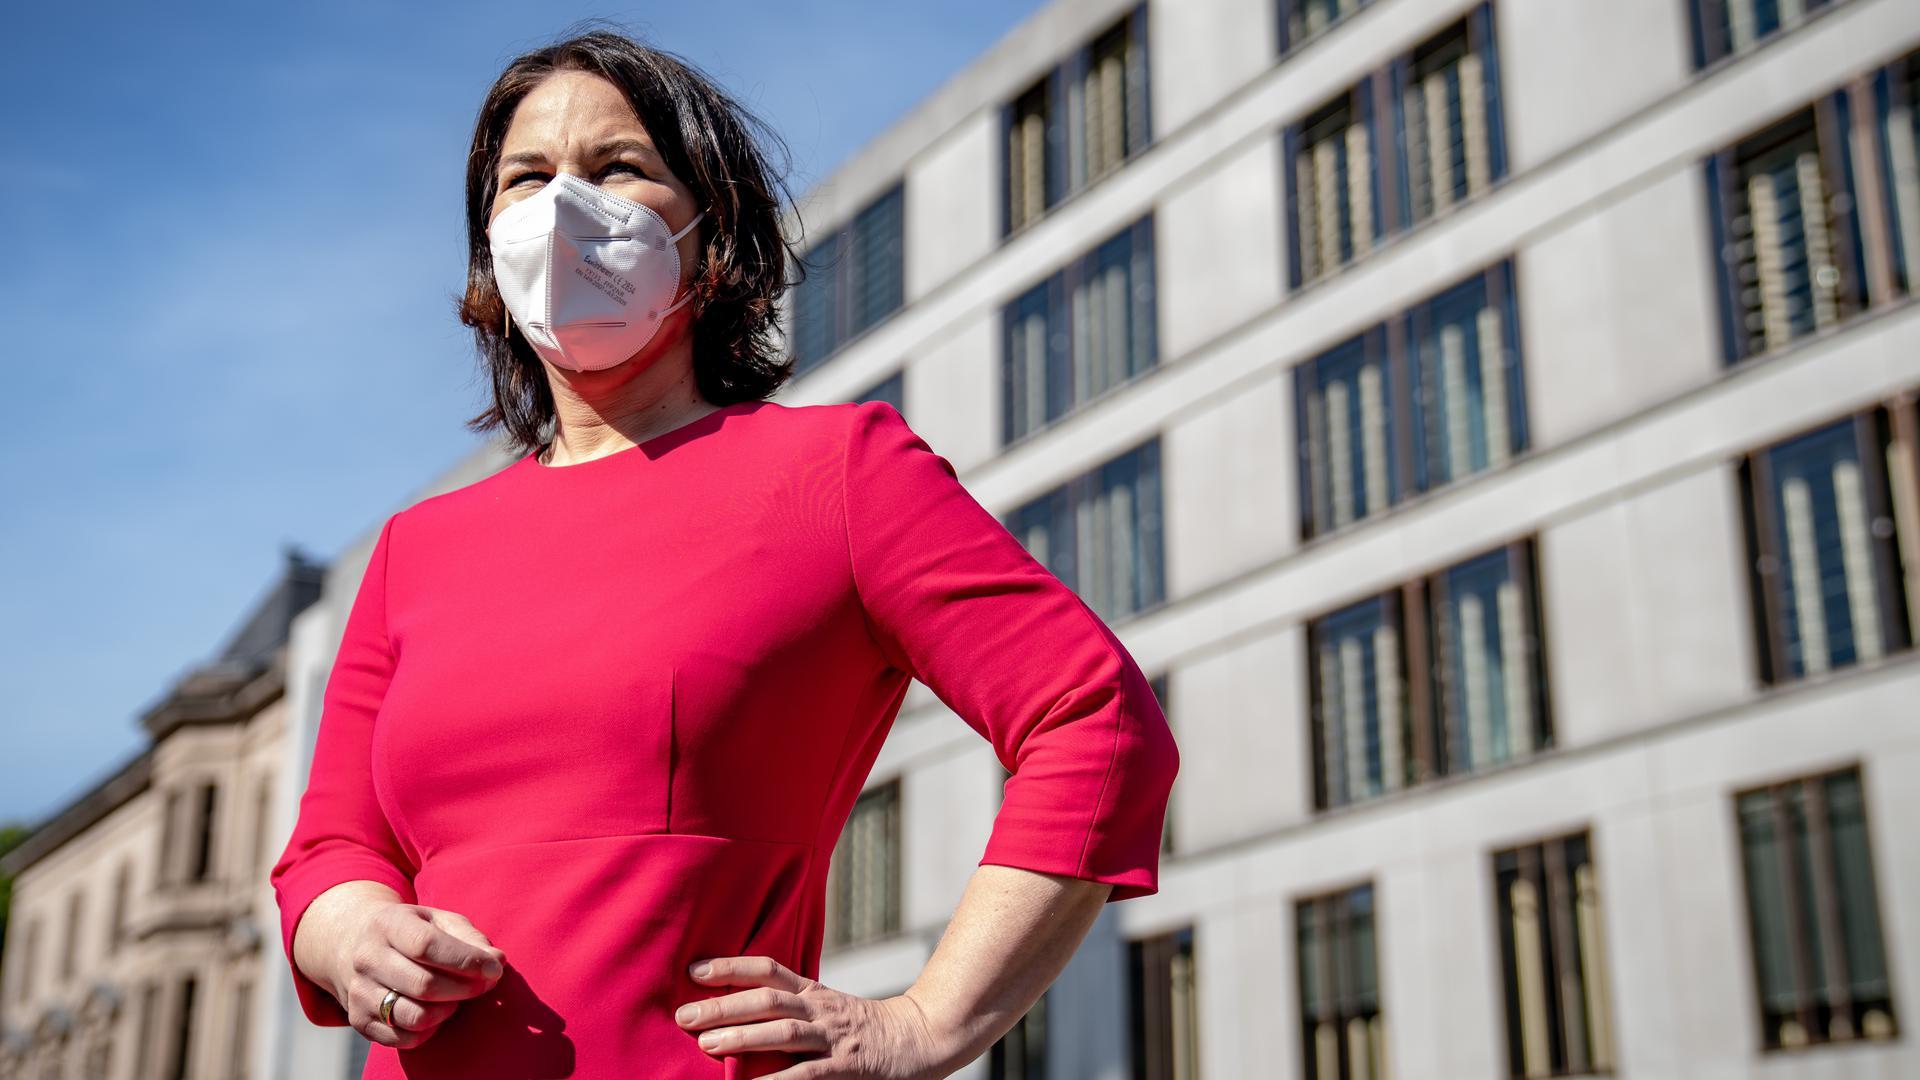 Annalena Baerbock, Bundesvorsitzende von Bündnis 90/Die Grünen, und Kanzlerkandidatin.